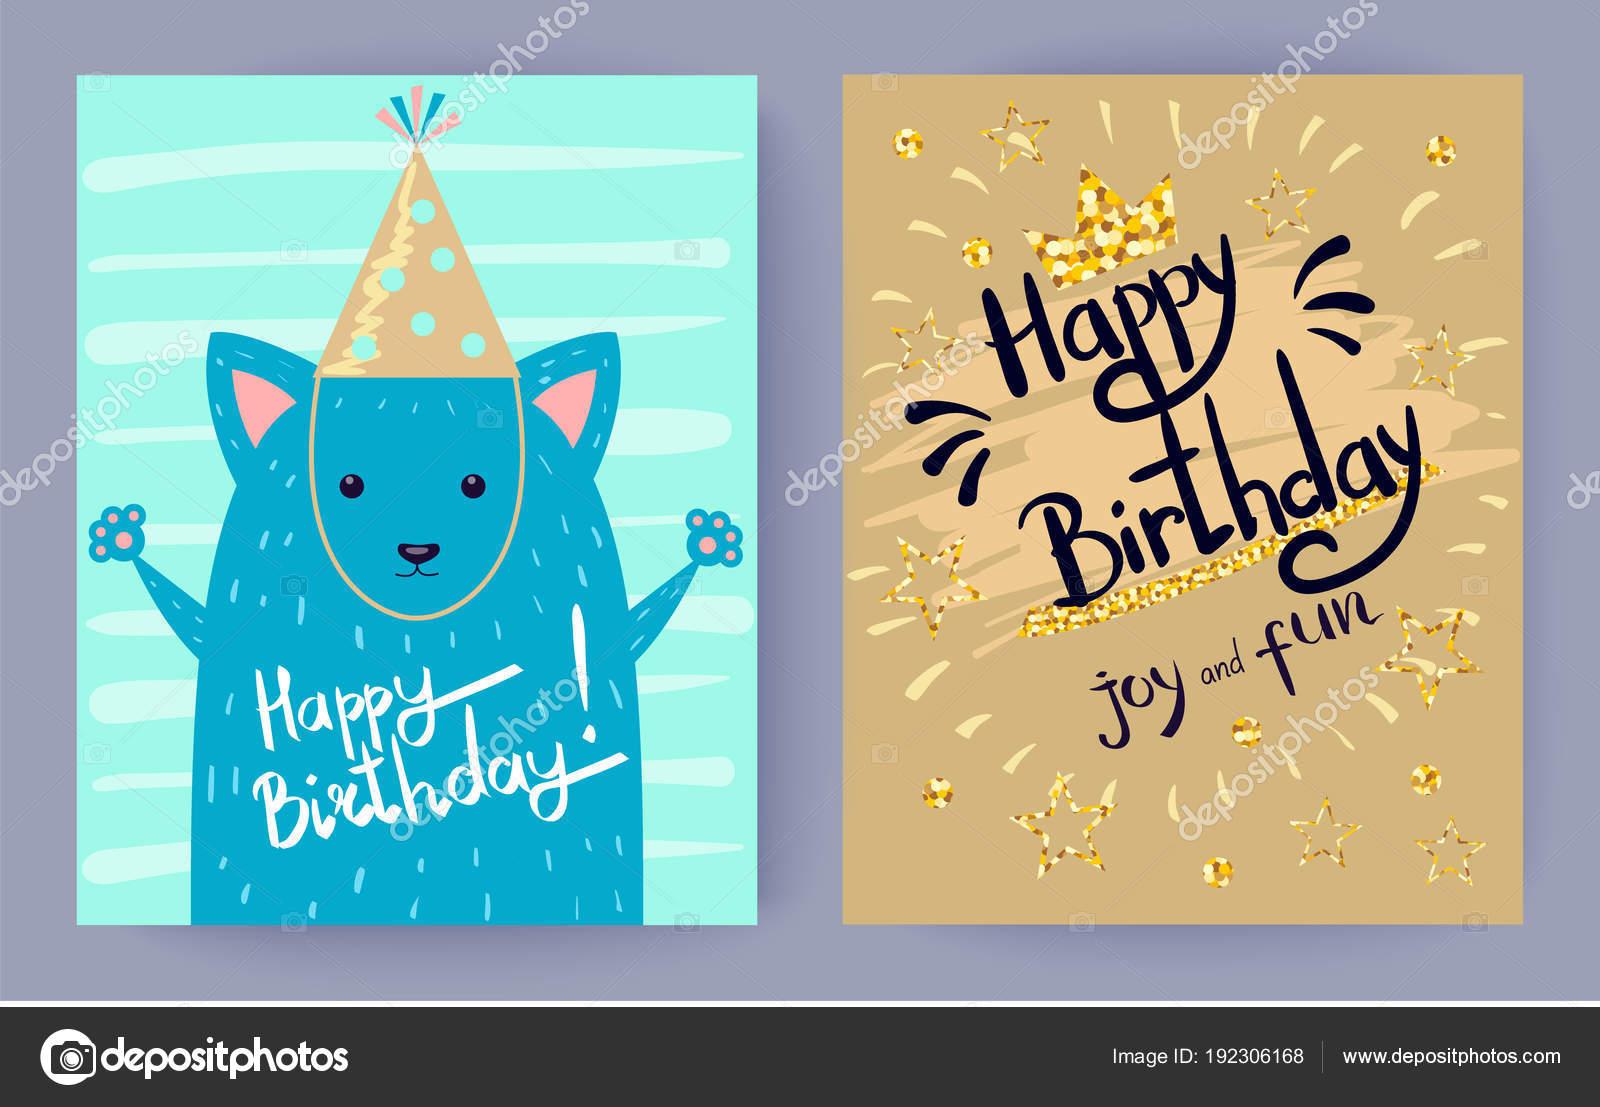 Joyeux Anniversaire Joie Et Amusement Vector Illustration Image